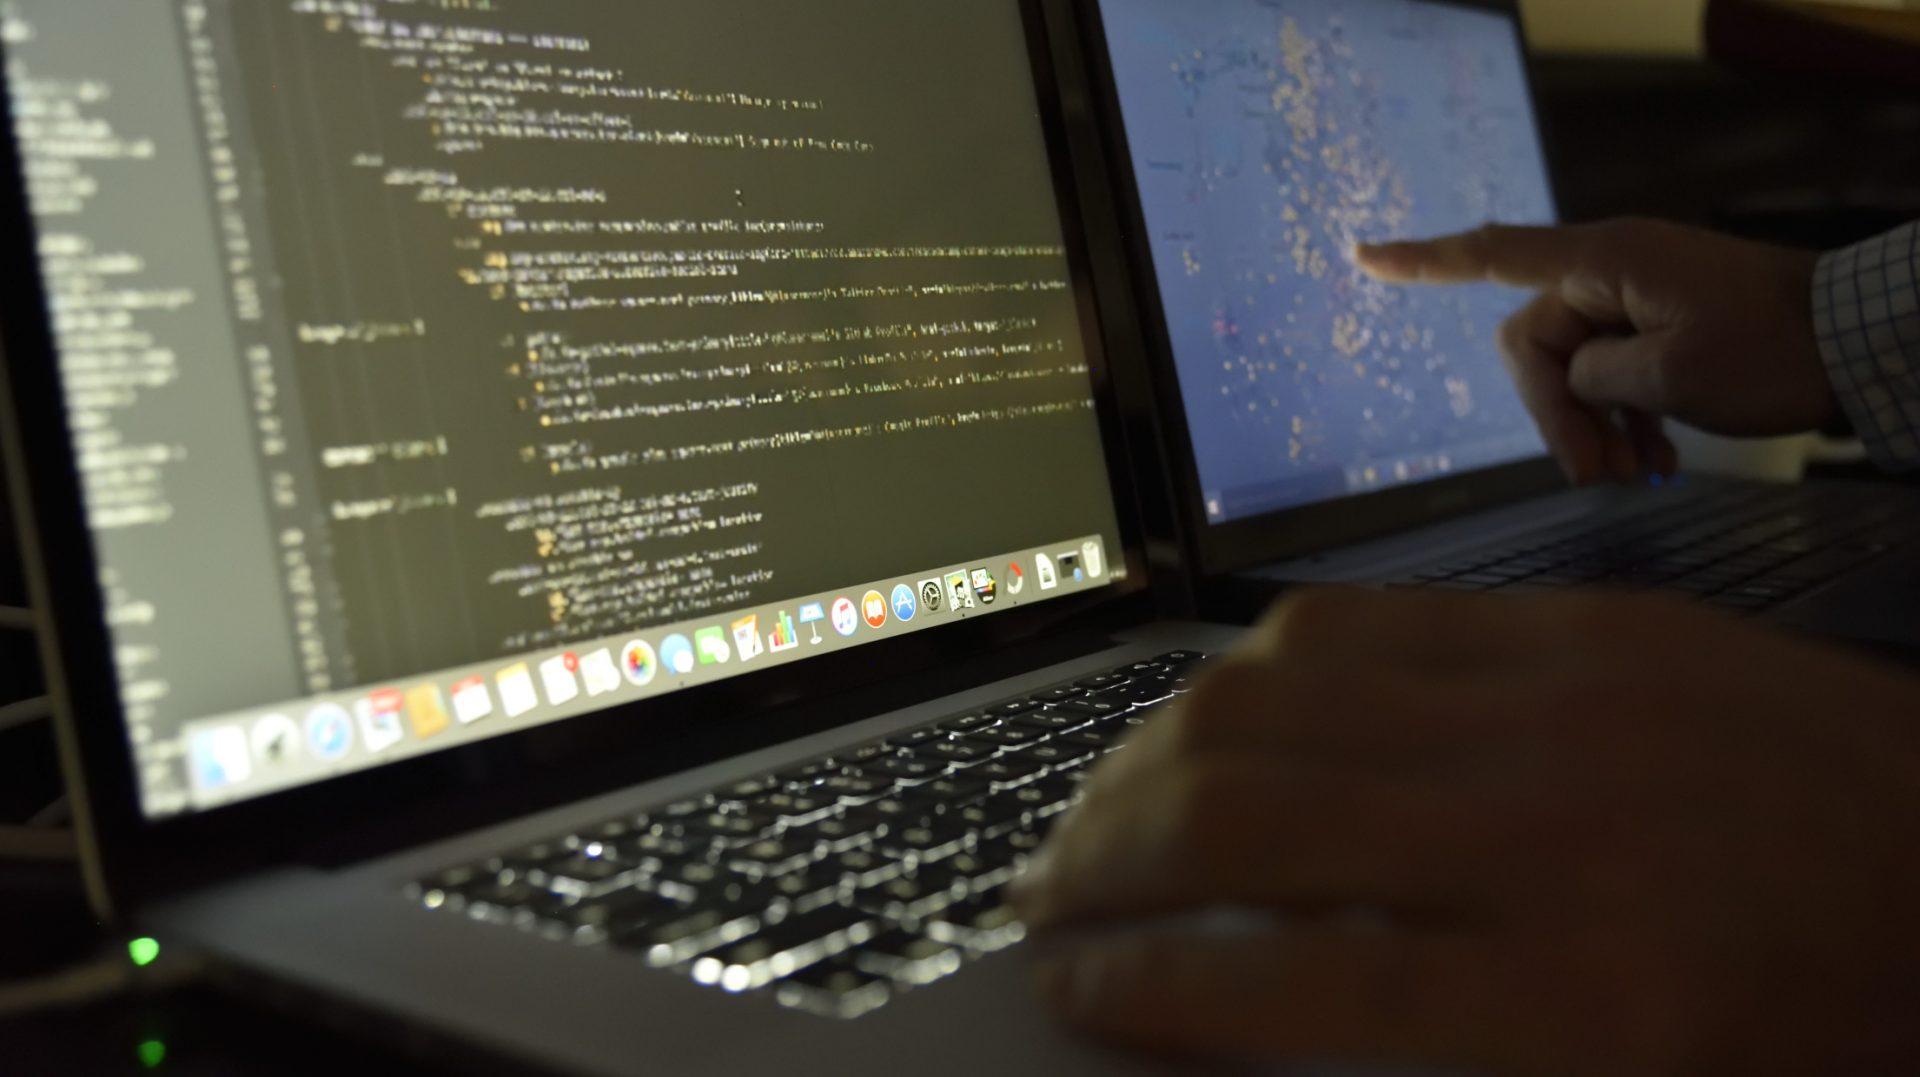 ¿POR QUÉ ES IMPORTANTE REALIZAR <br>UN PENTESTING A TU PÁGINA WEB?</br>